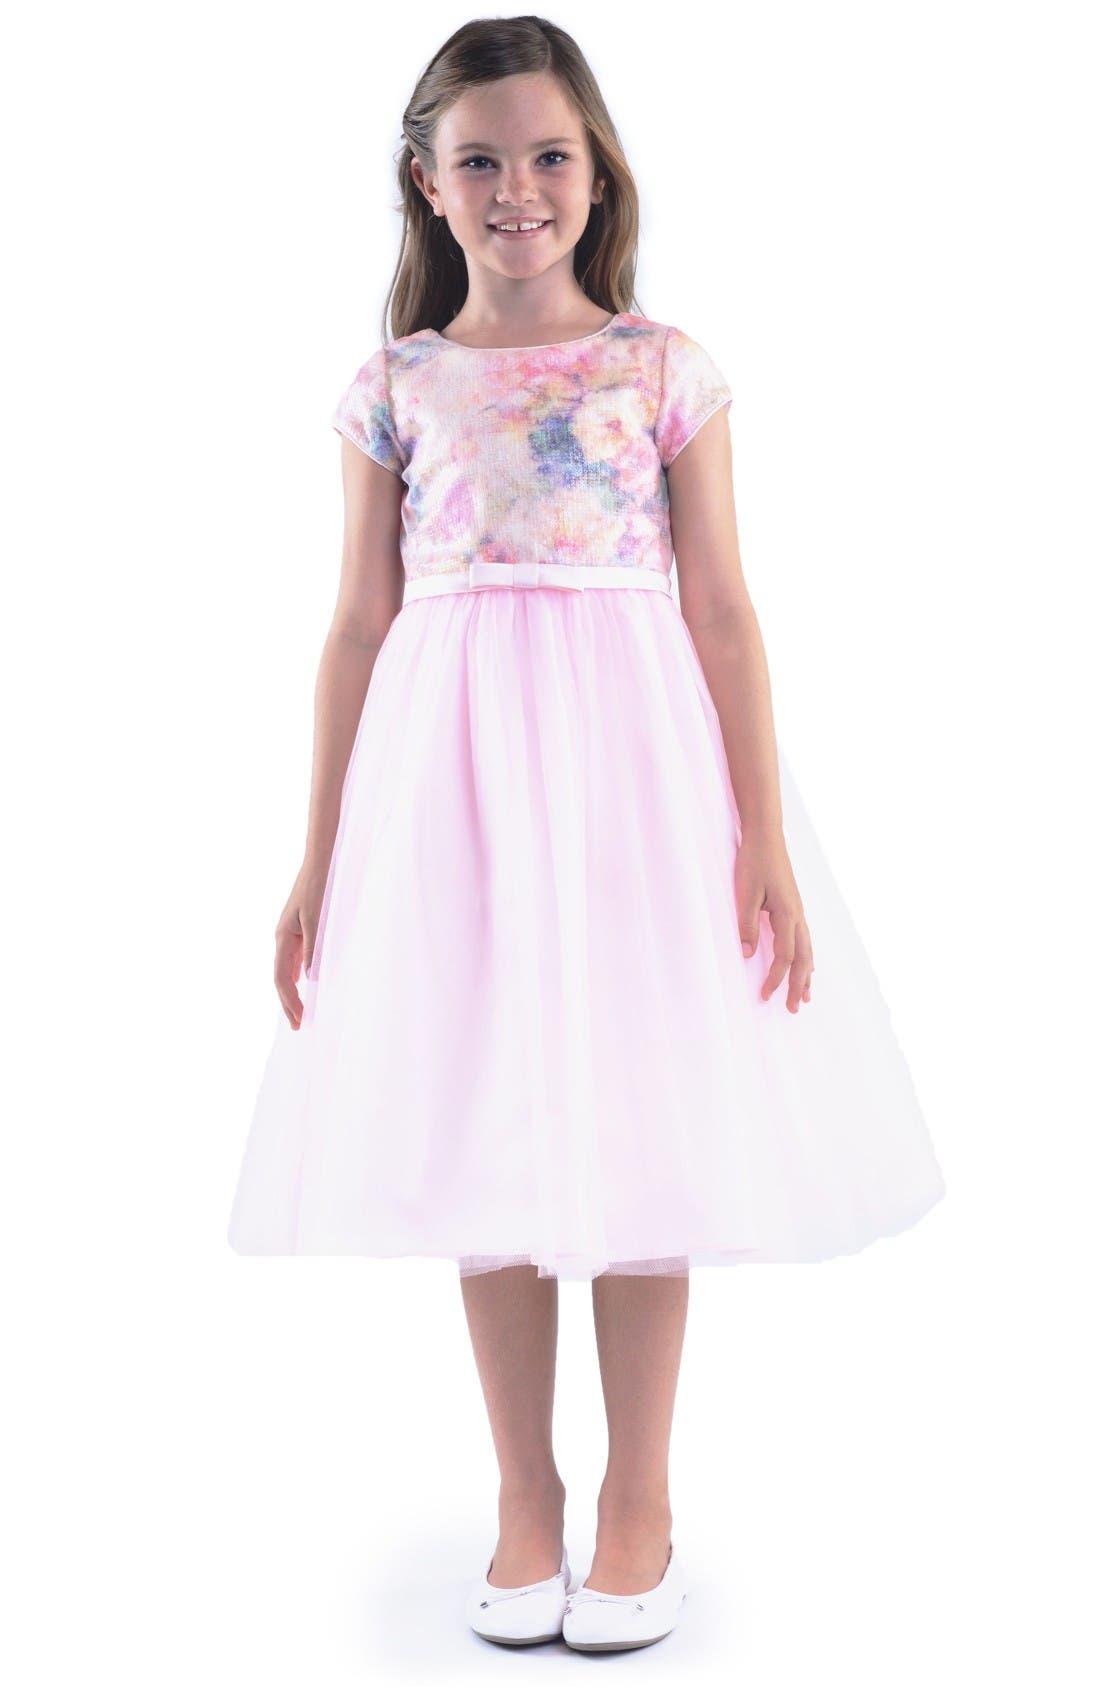 Alternate Image 1 Selected - Us Angels Embellished Dress (Toddler Girls, Little Girls & Big Girls)